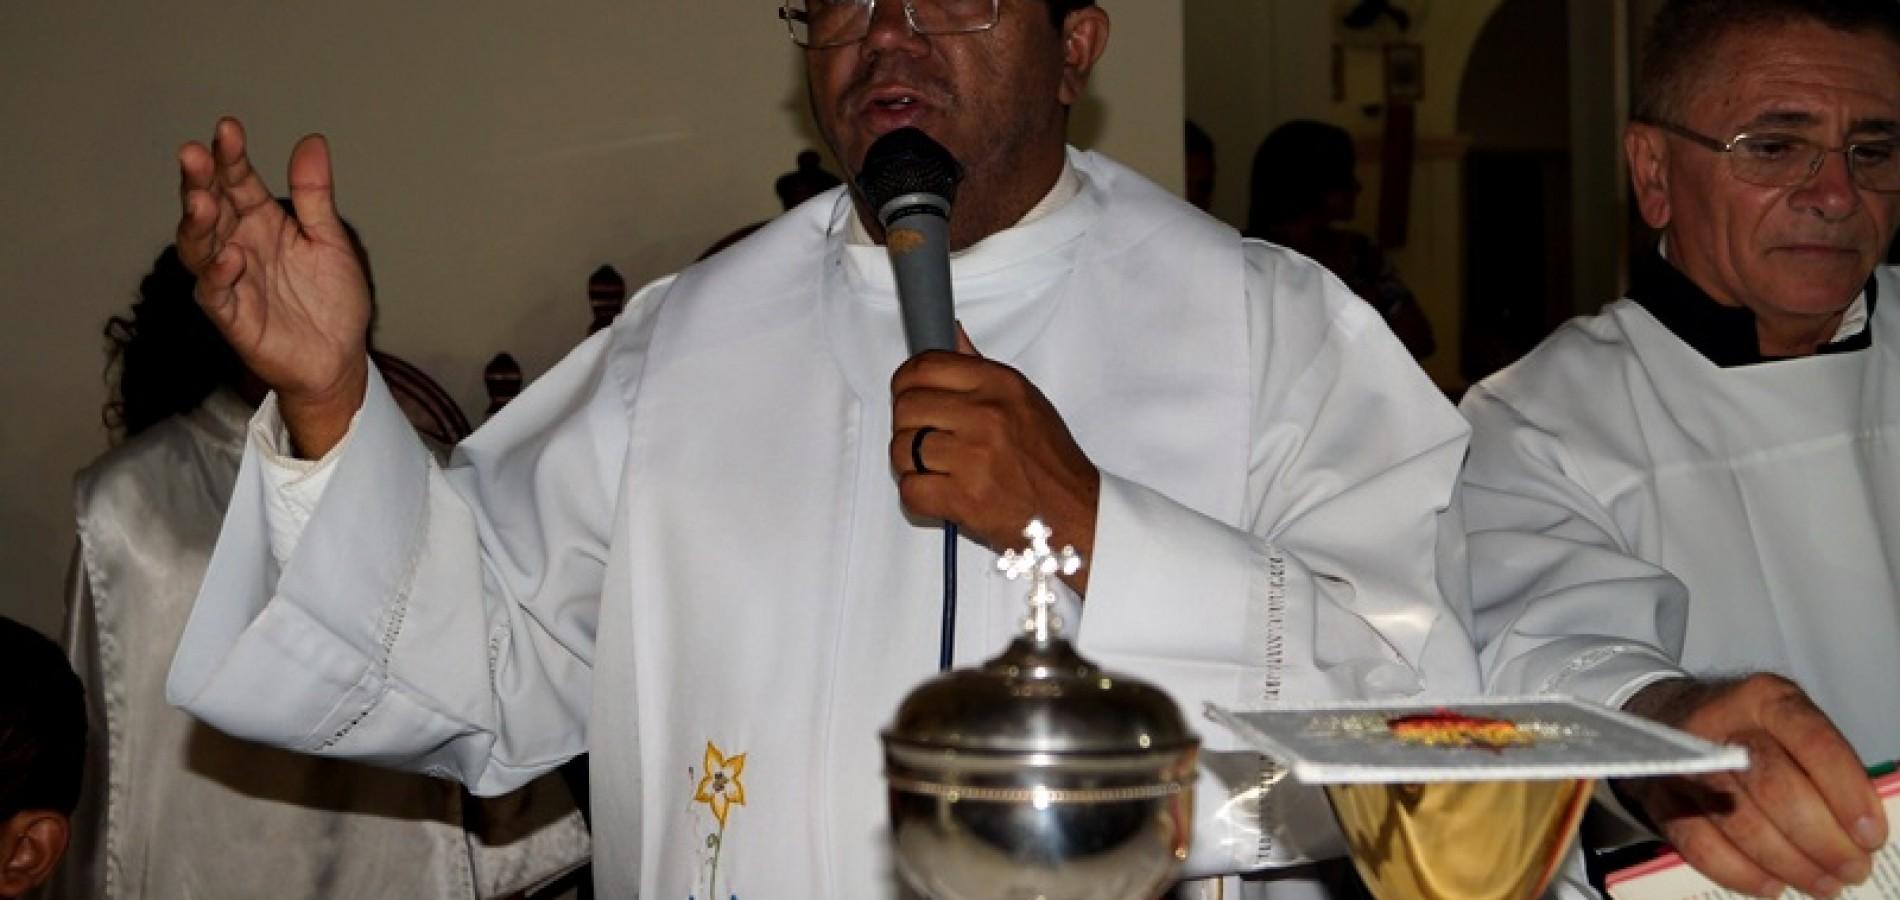 Padre Antônio Cristo  celebra na sexta noite dos festejos de Jaicós; veja fotos